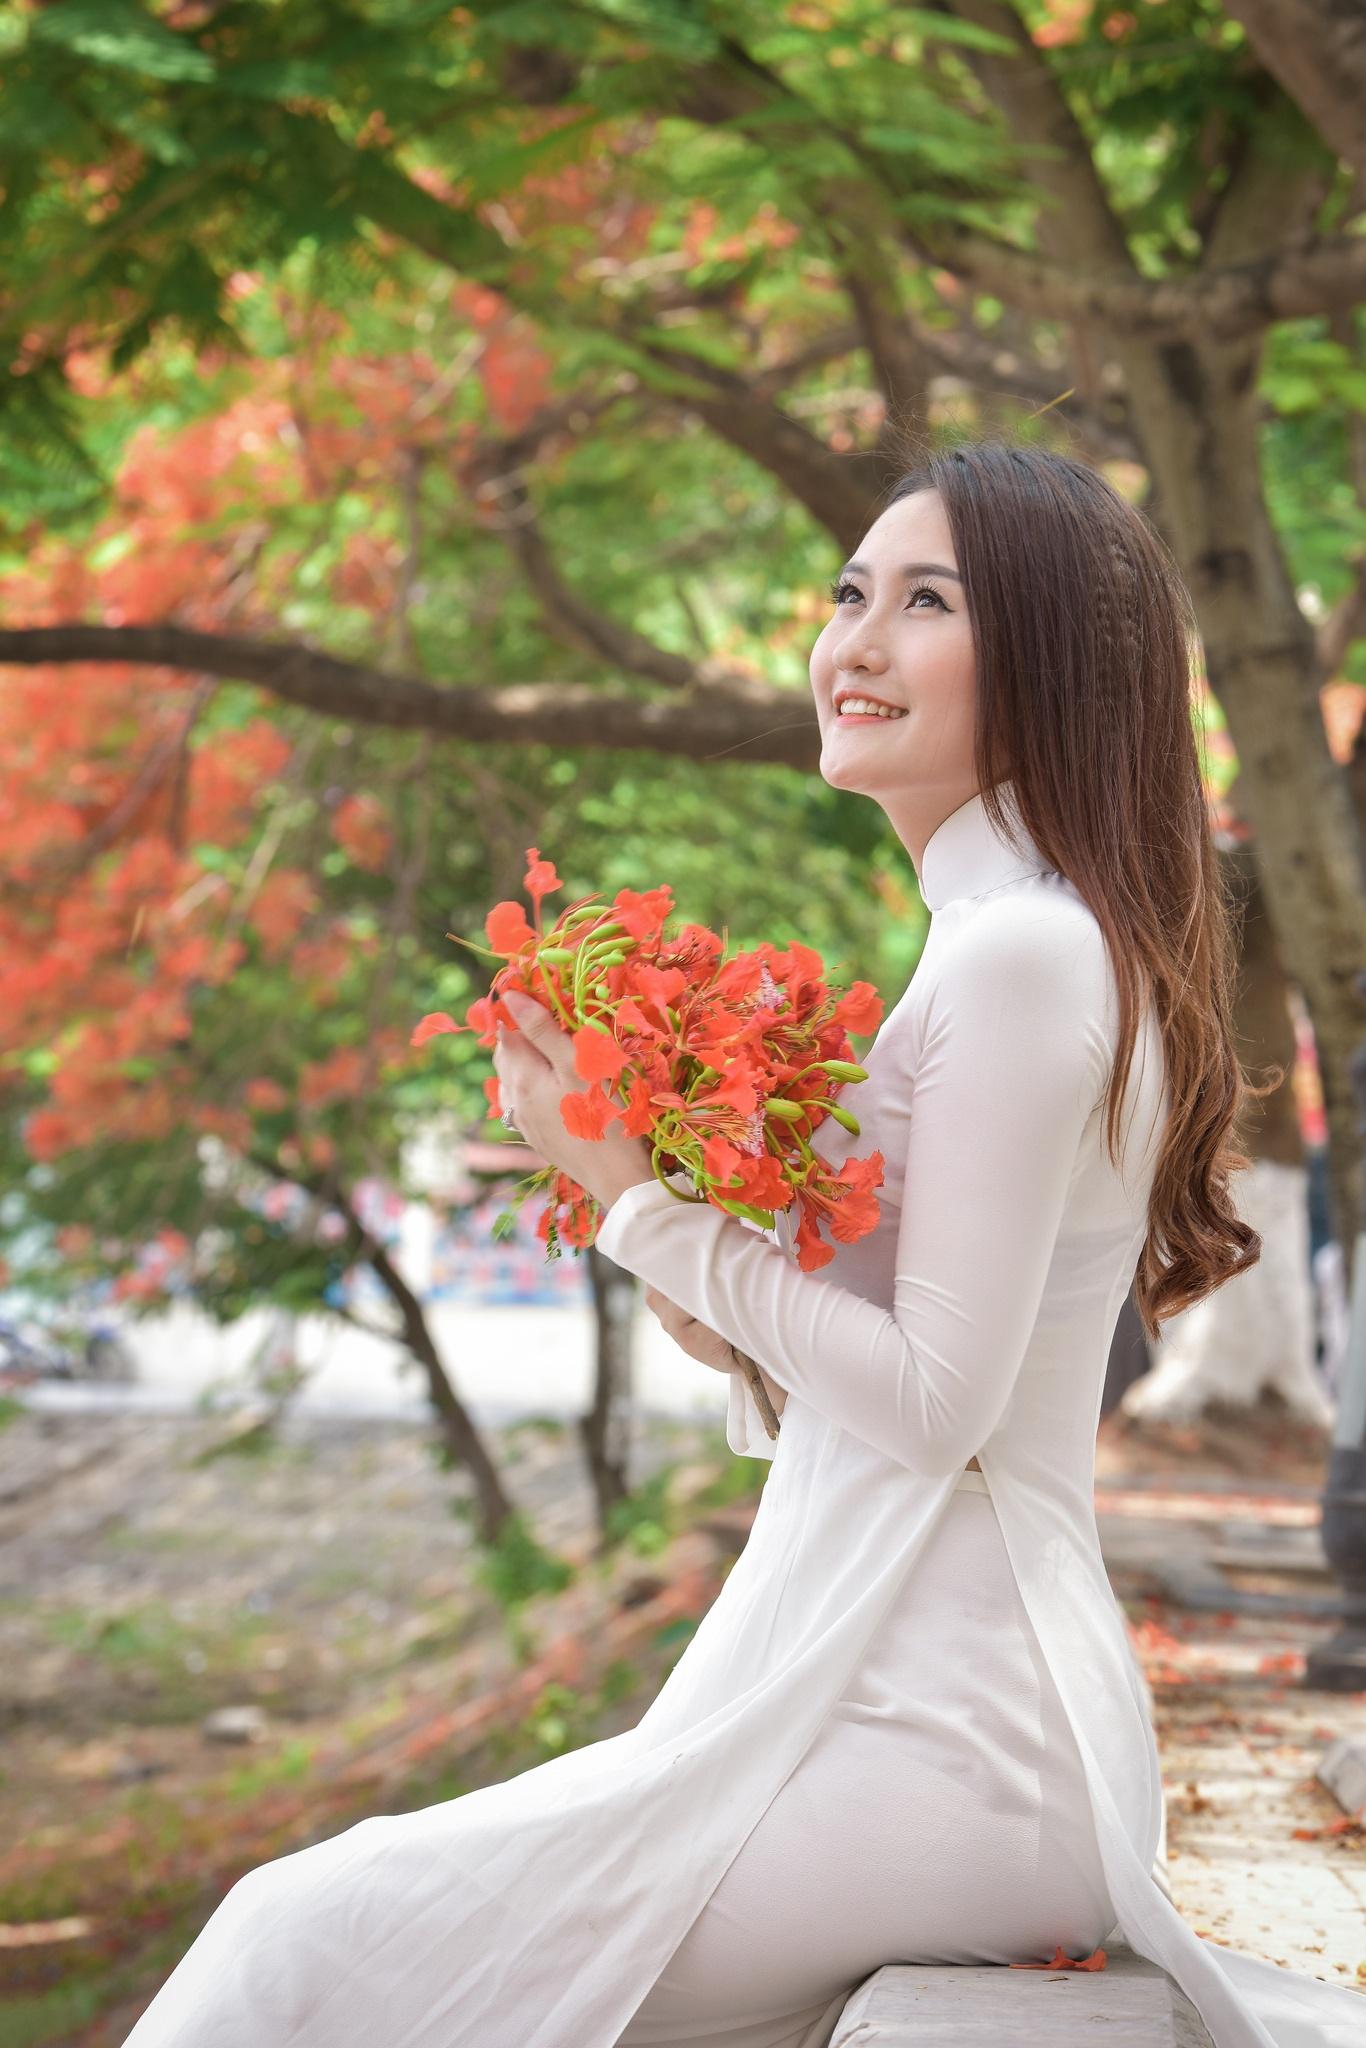 """Thiếu nữ Hà thành mơ màng bên hoa phượng """"rực cháy"""" - 8"""